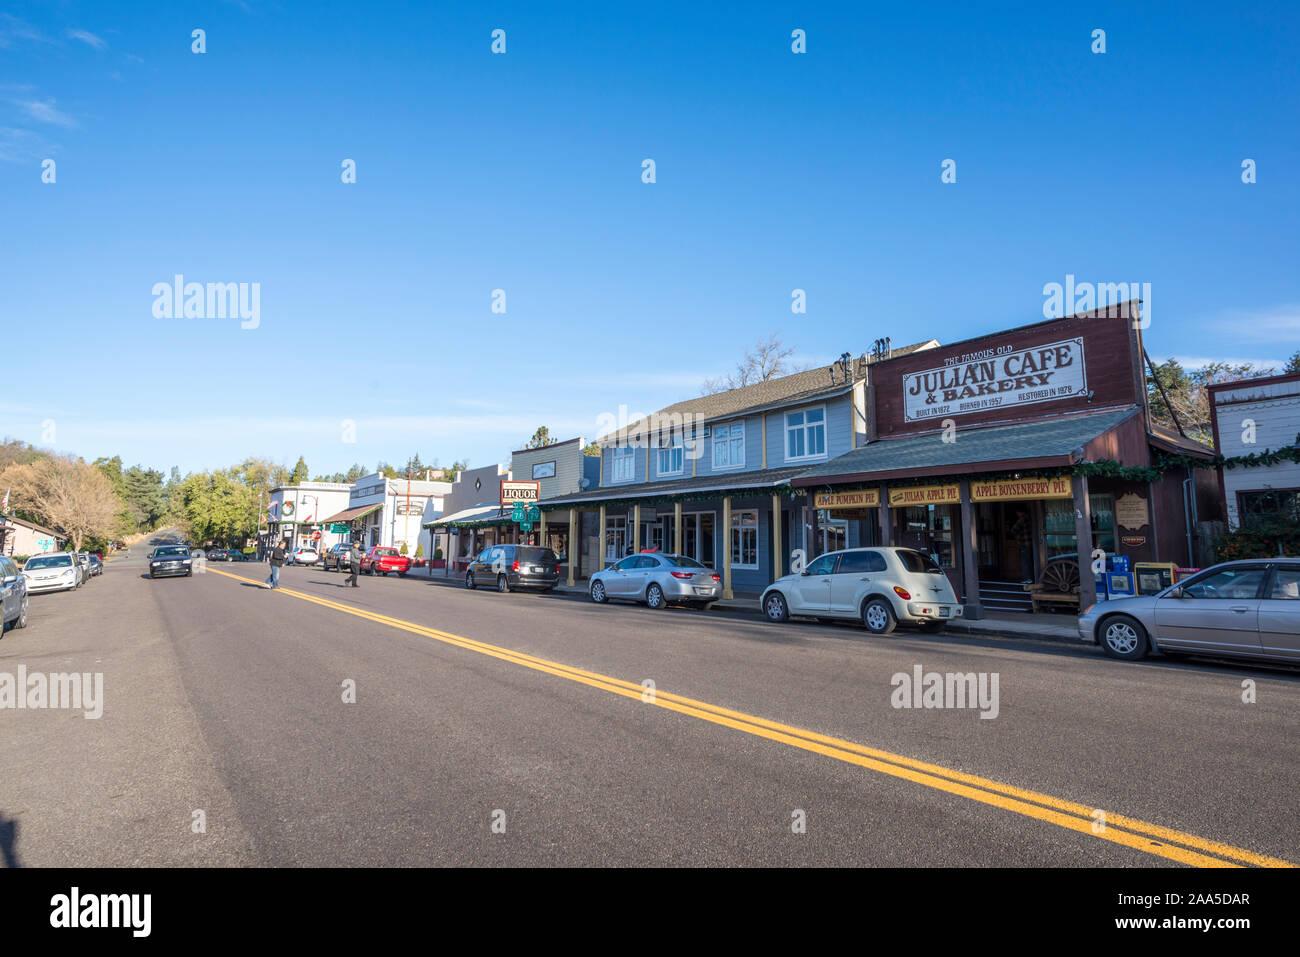 November Morgen in Julian, Kalifornien. Ansicht von entlang der Main St. Stockfoto